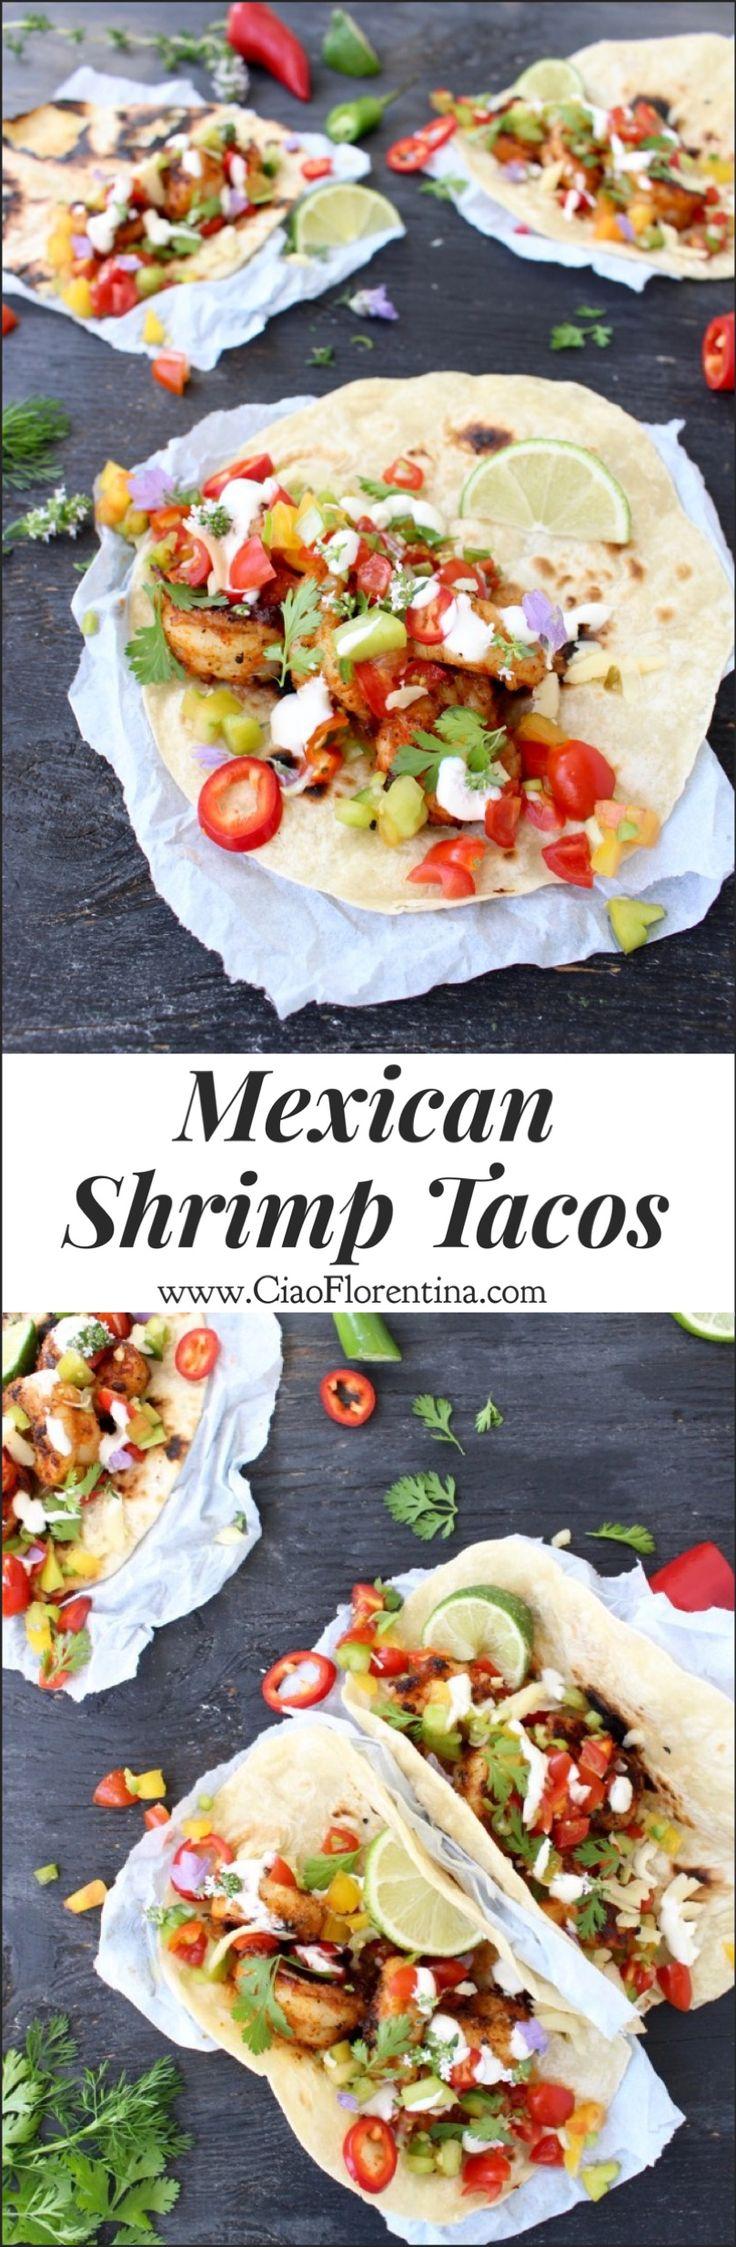 Mexican Shrimp Tacos with Salsa Fresca   CiaoFlorentina.com @CiaoFlorentina